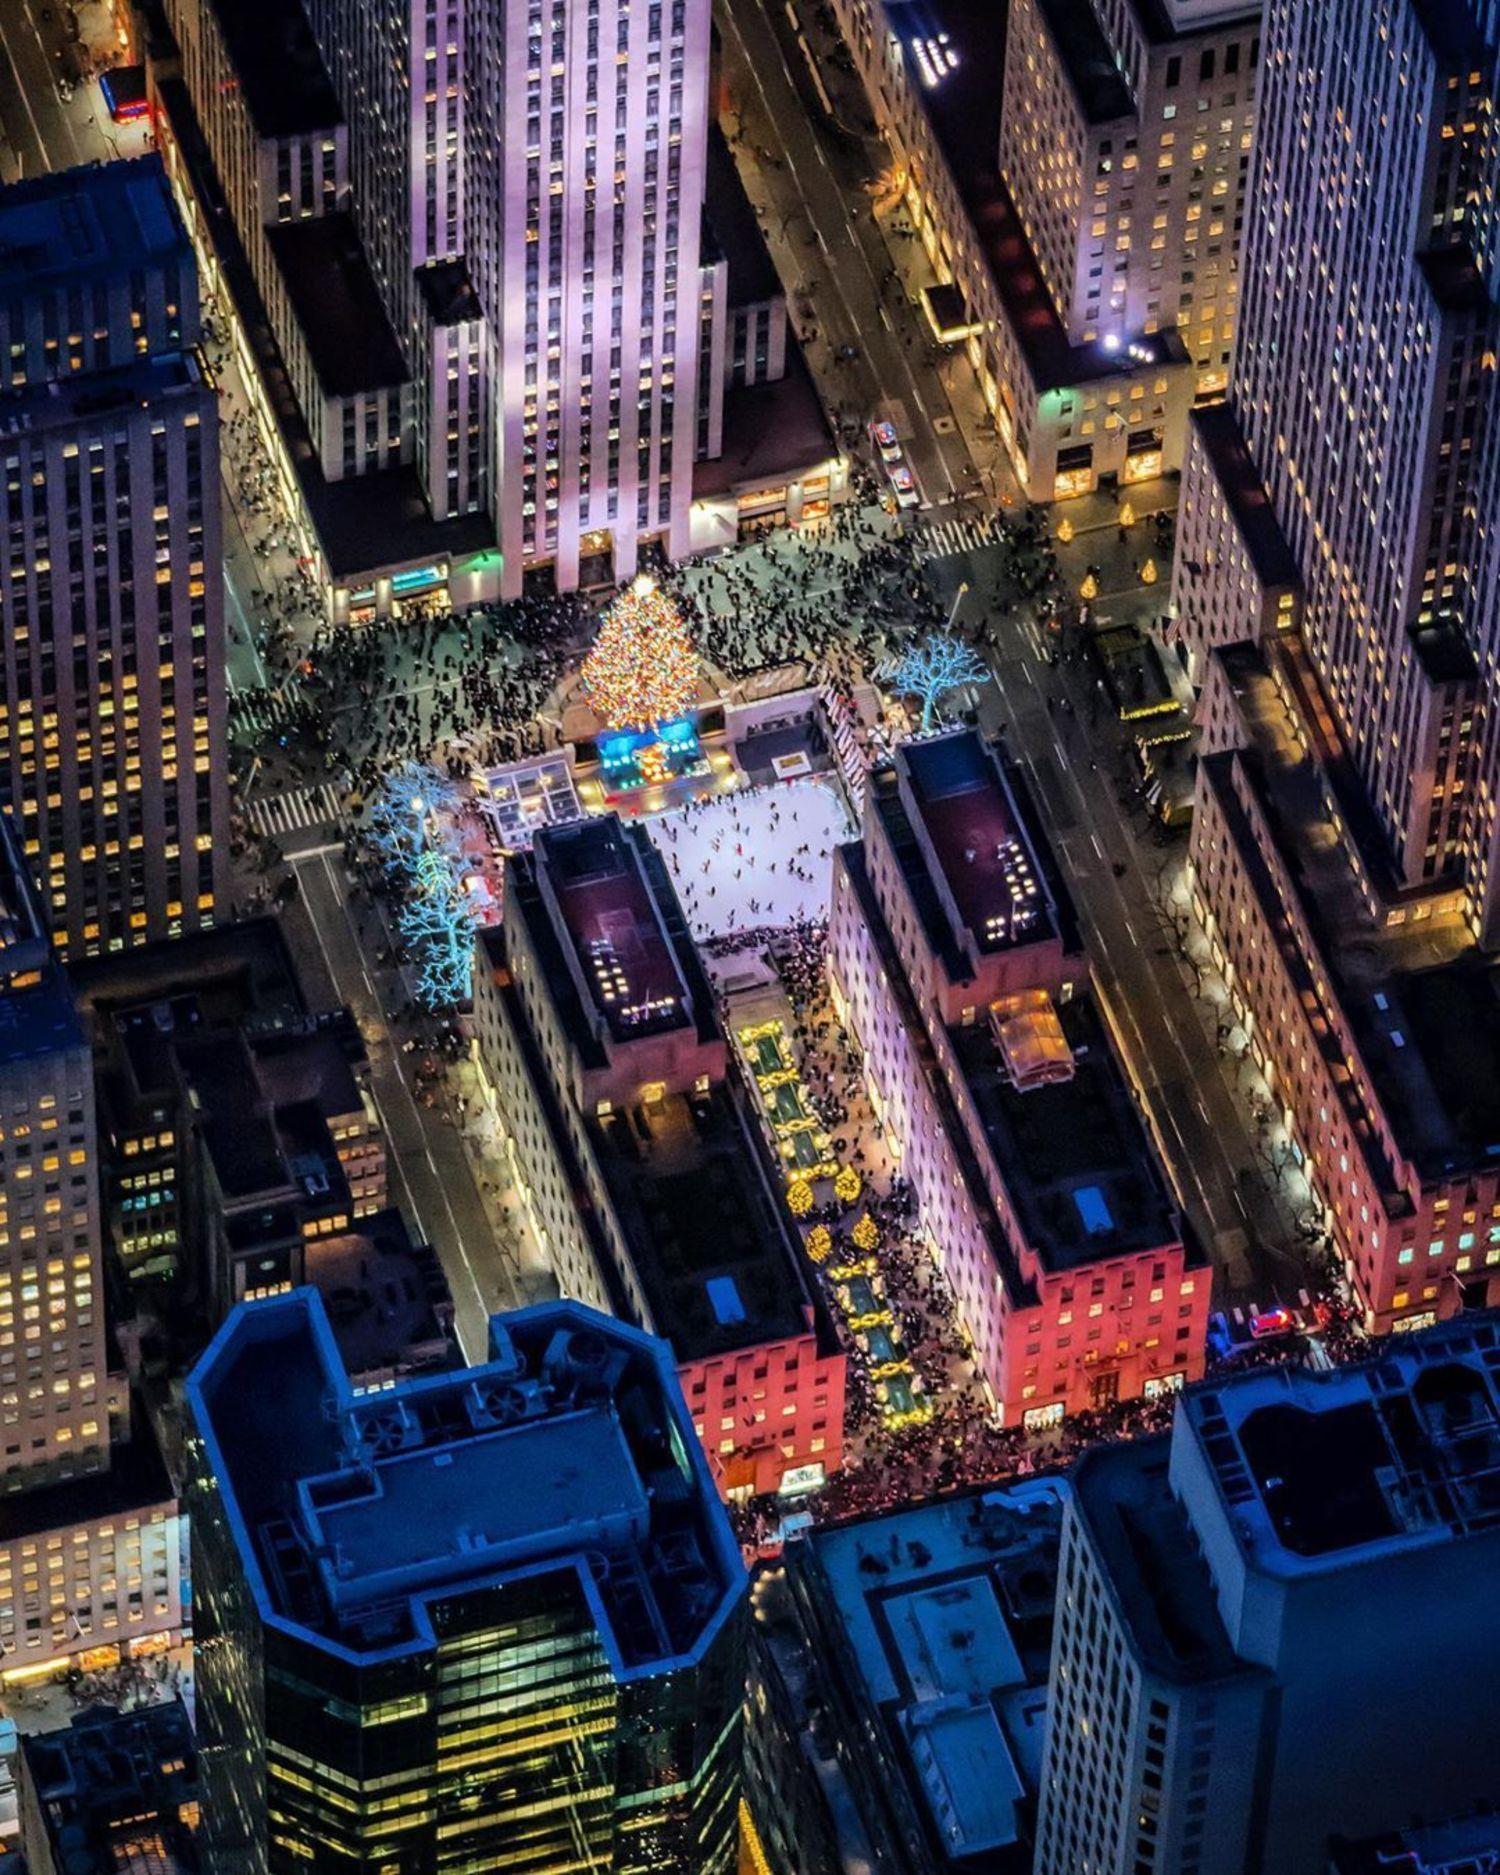 Rockefeller Center, Midtown, Manhattan